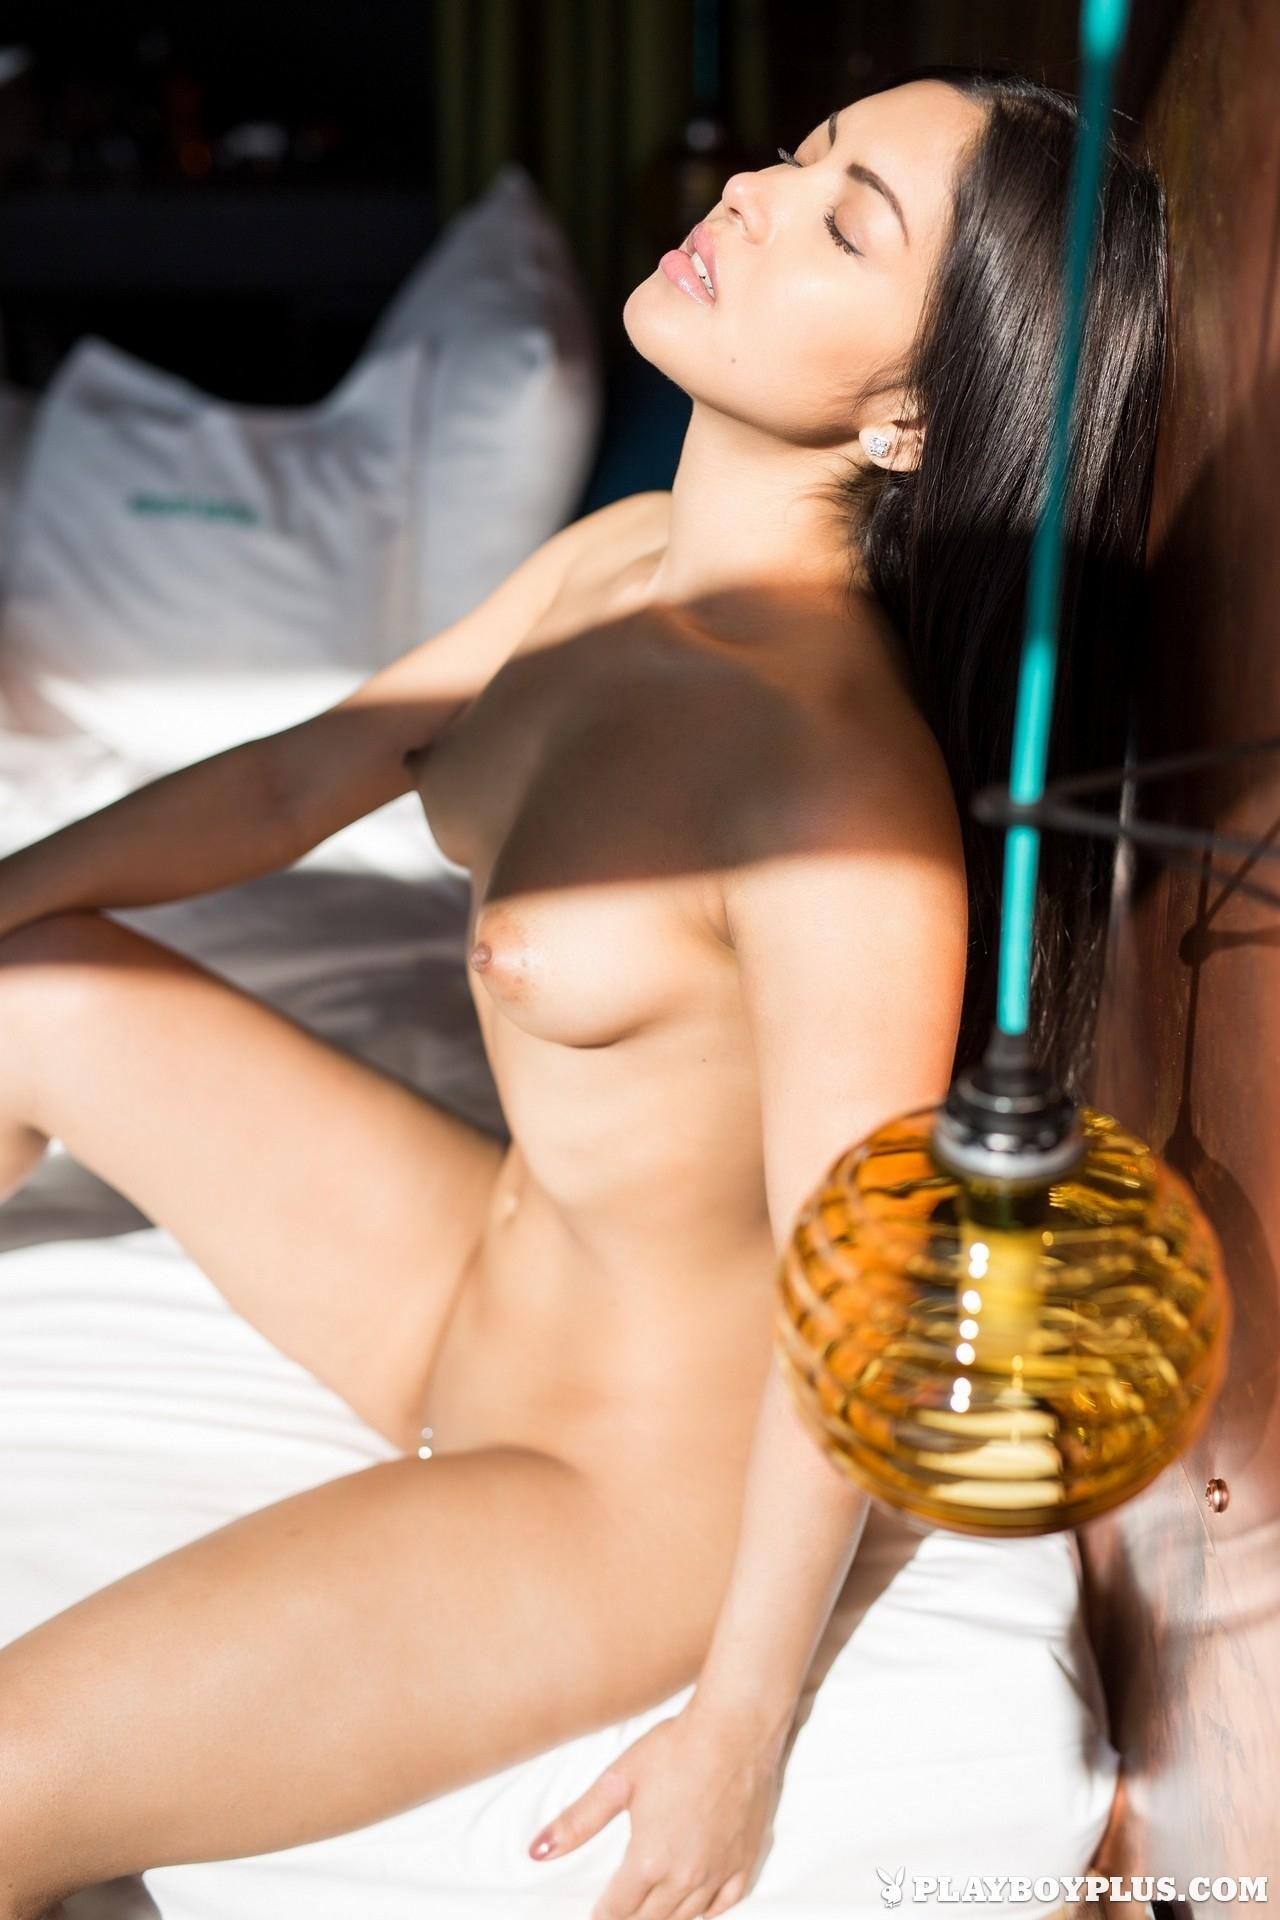 Chloe Rose In Sleeping In Playboy Plus (18)